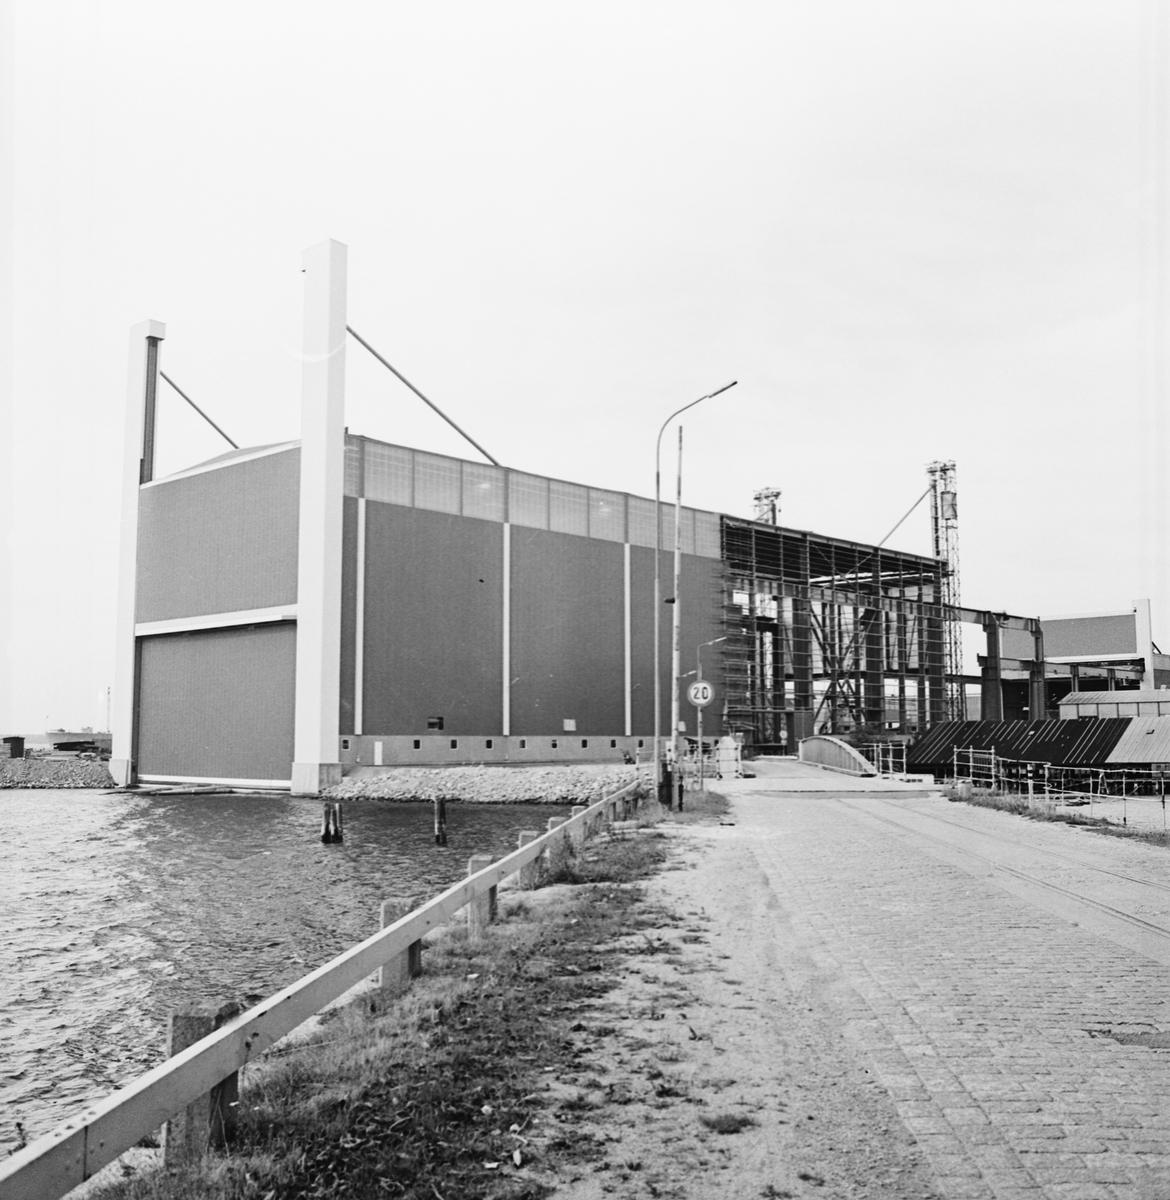 Övrigt: Foto datum: 1/10 1971 Byggnader och kranar Området för nya plåt och montagehallen